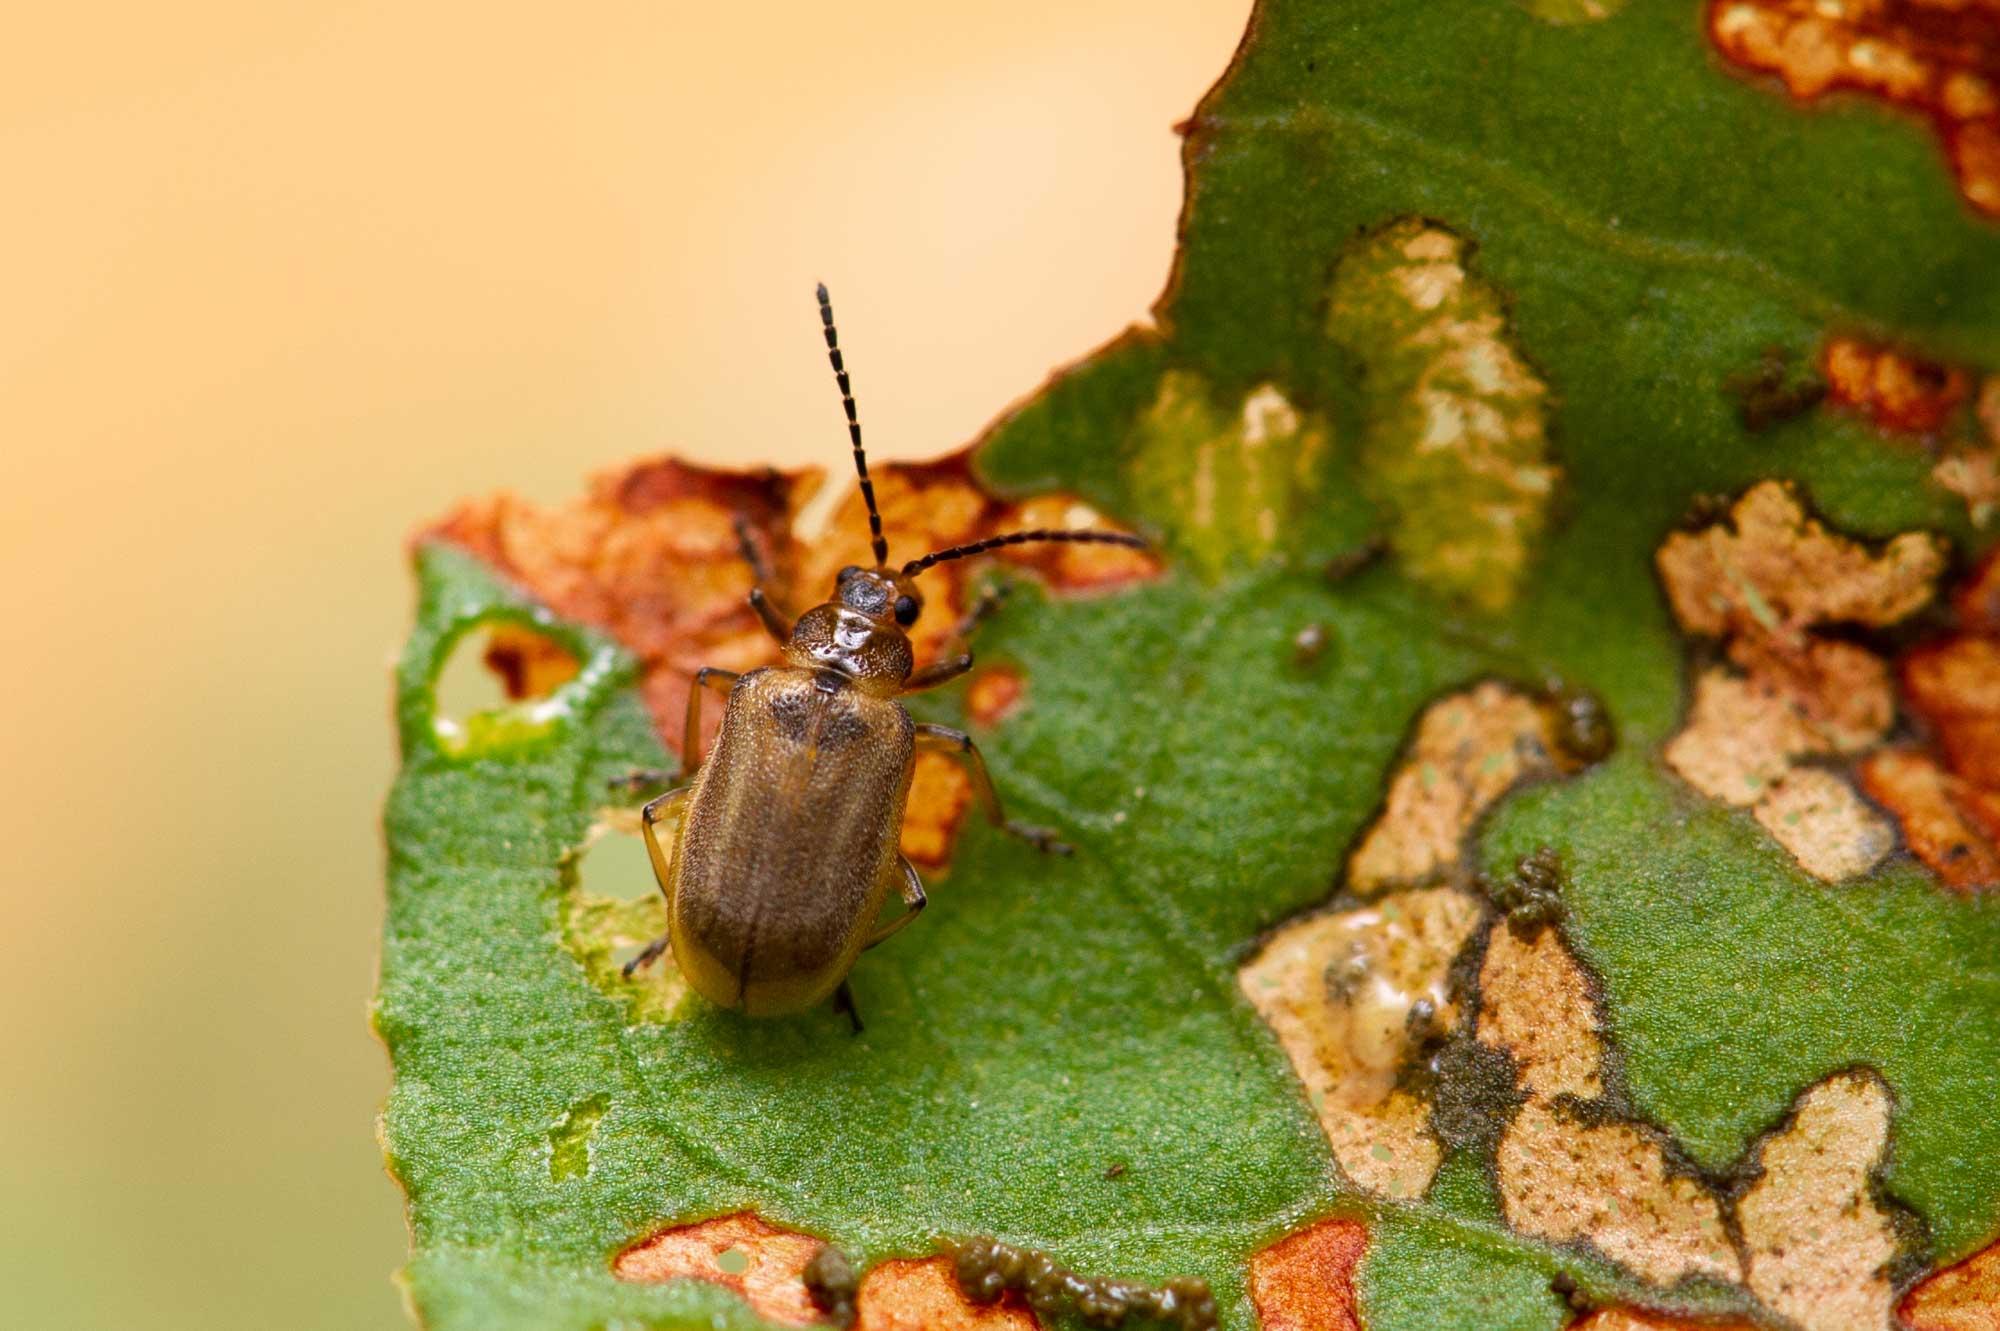 イチゴハムシの飼育の写真